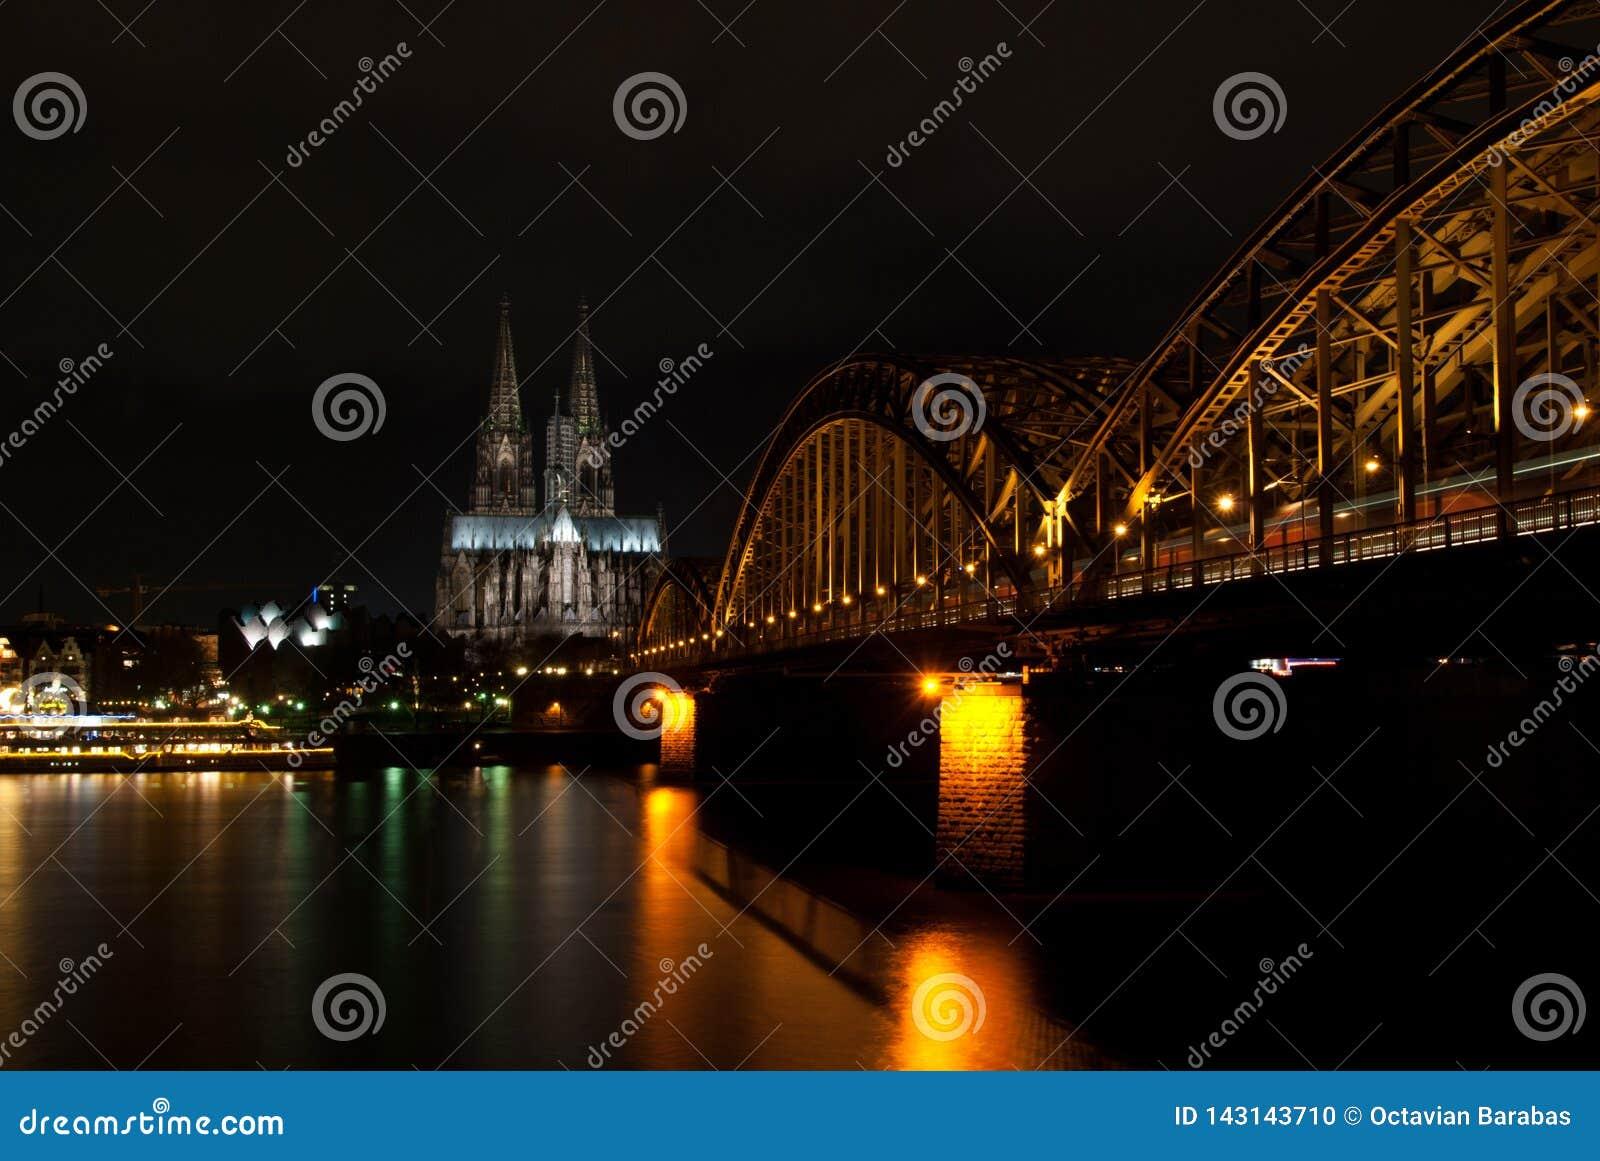 Dom von Cologne nachts